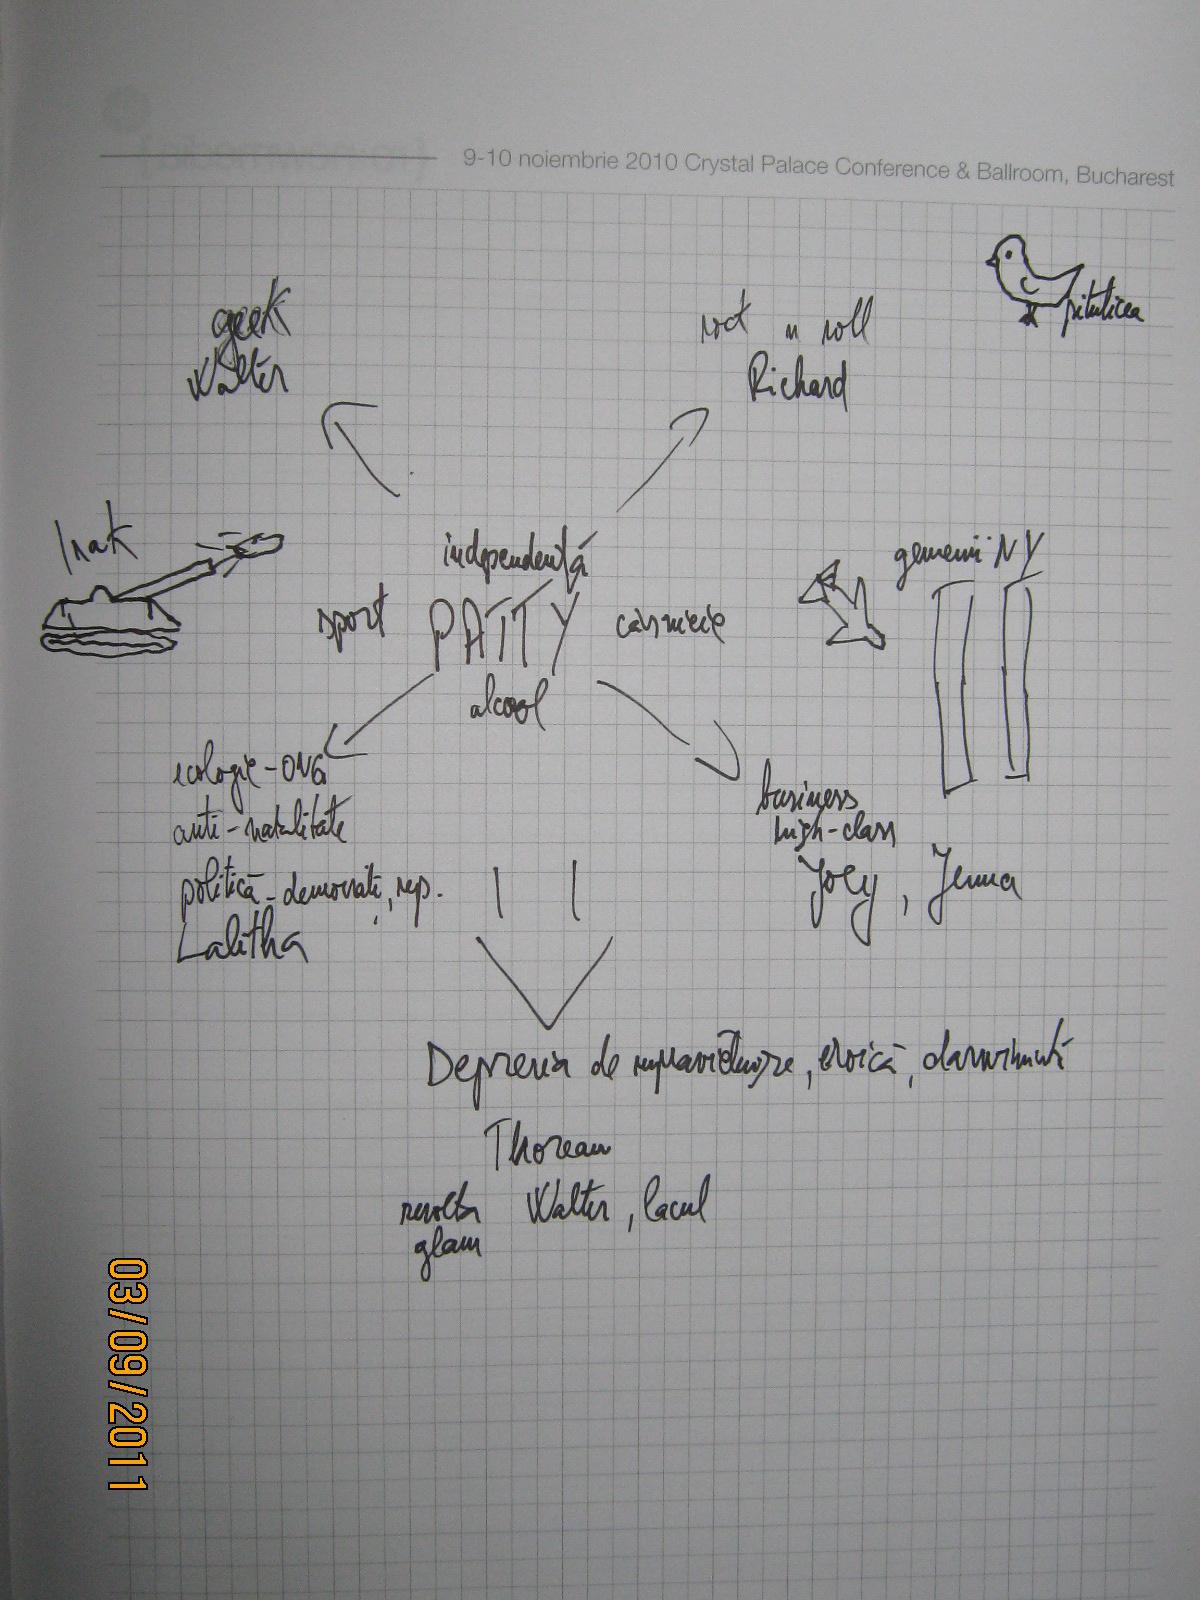 Romanul-valiză al lui Franzen (bonus: DESEN)